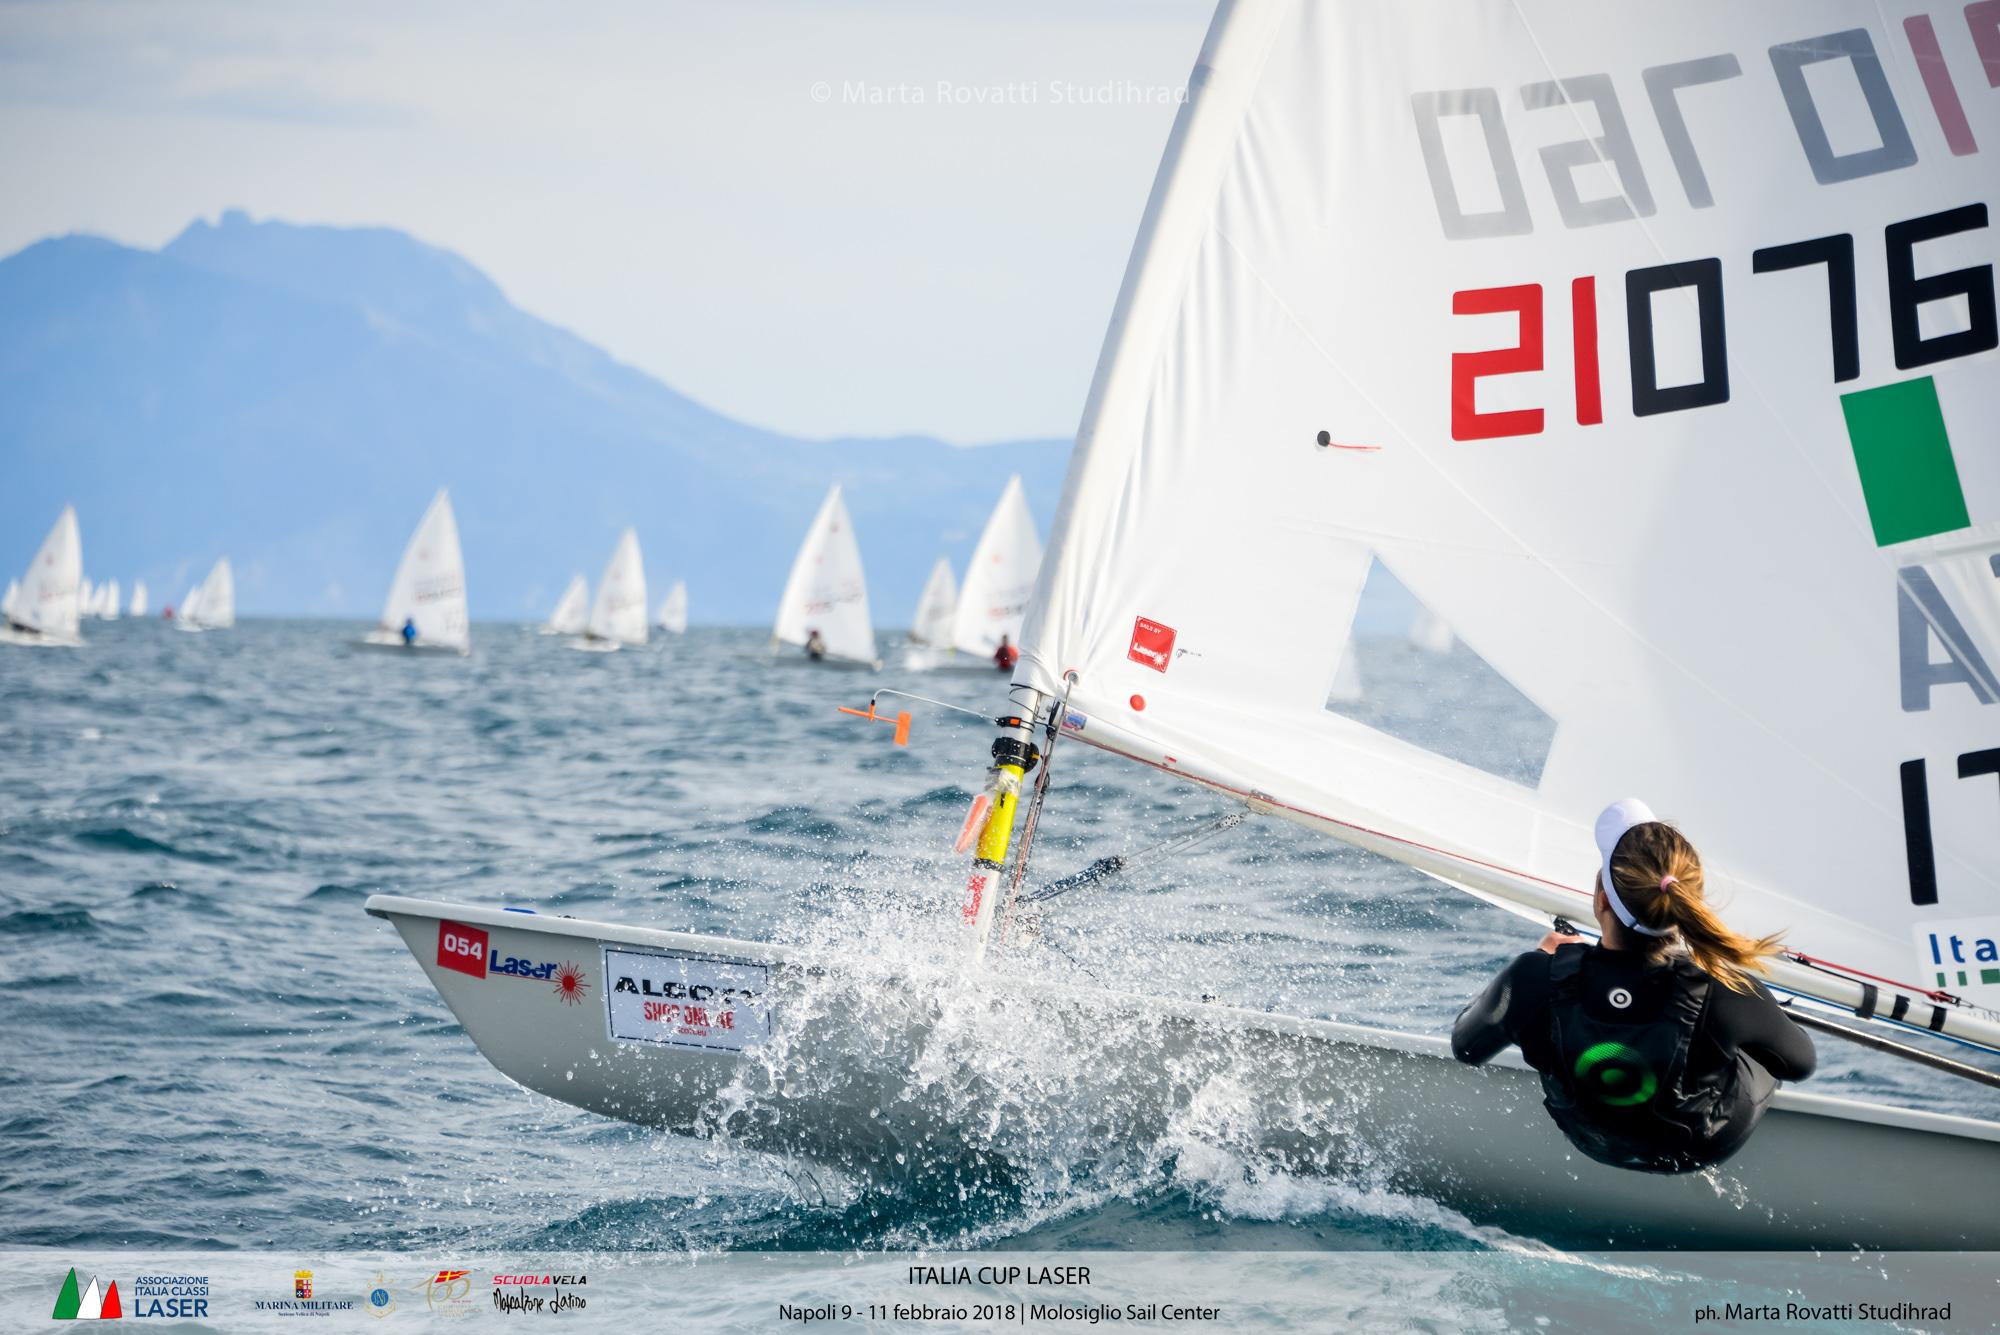 Associazione-Italia-Classi-Laser-2018-NapoliMGR_3396